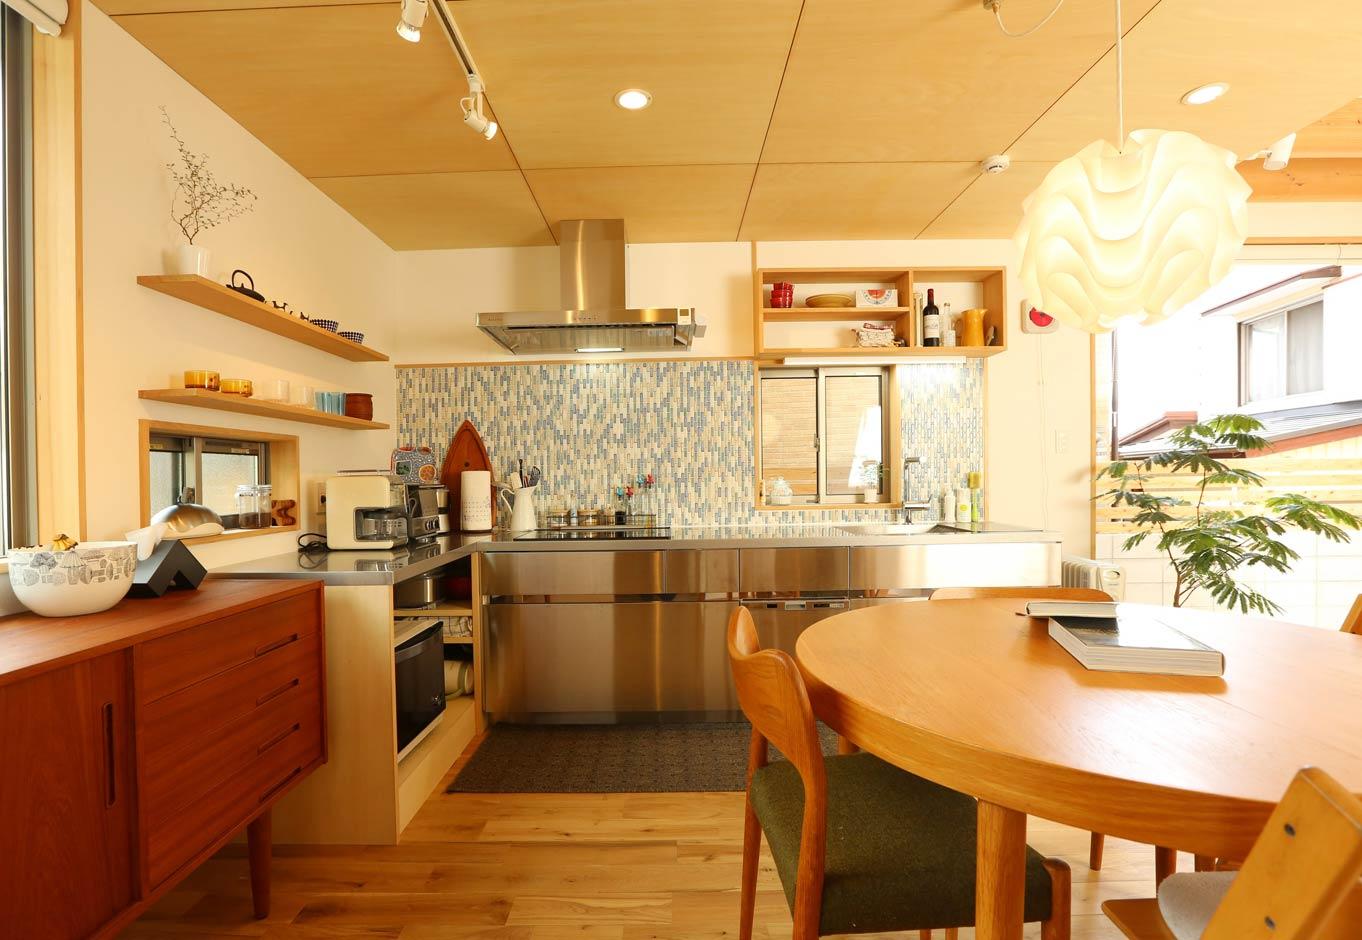 Asobi-創家(アソビスミカ)/ナカジツ【狭小住宅、間取り、建築家】オールステンレスのおしゃれなキッチンは奥さまからのリクエスト。L字型にすることで空間を広く使えると同時に作業効率もUP! 2面採光で明るさを確保し、名古屋モザイクの上質なタイルが料理タイムを楽しく演出する。キッチンの高さに合わせて収納棚を造作した